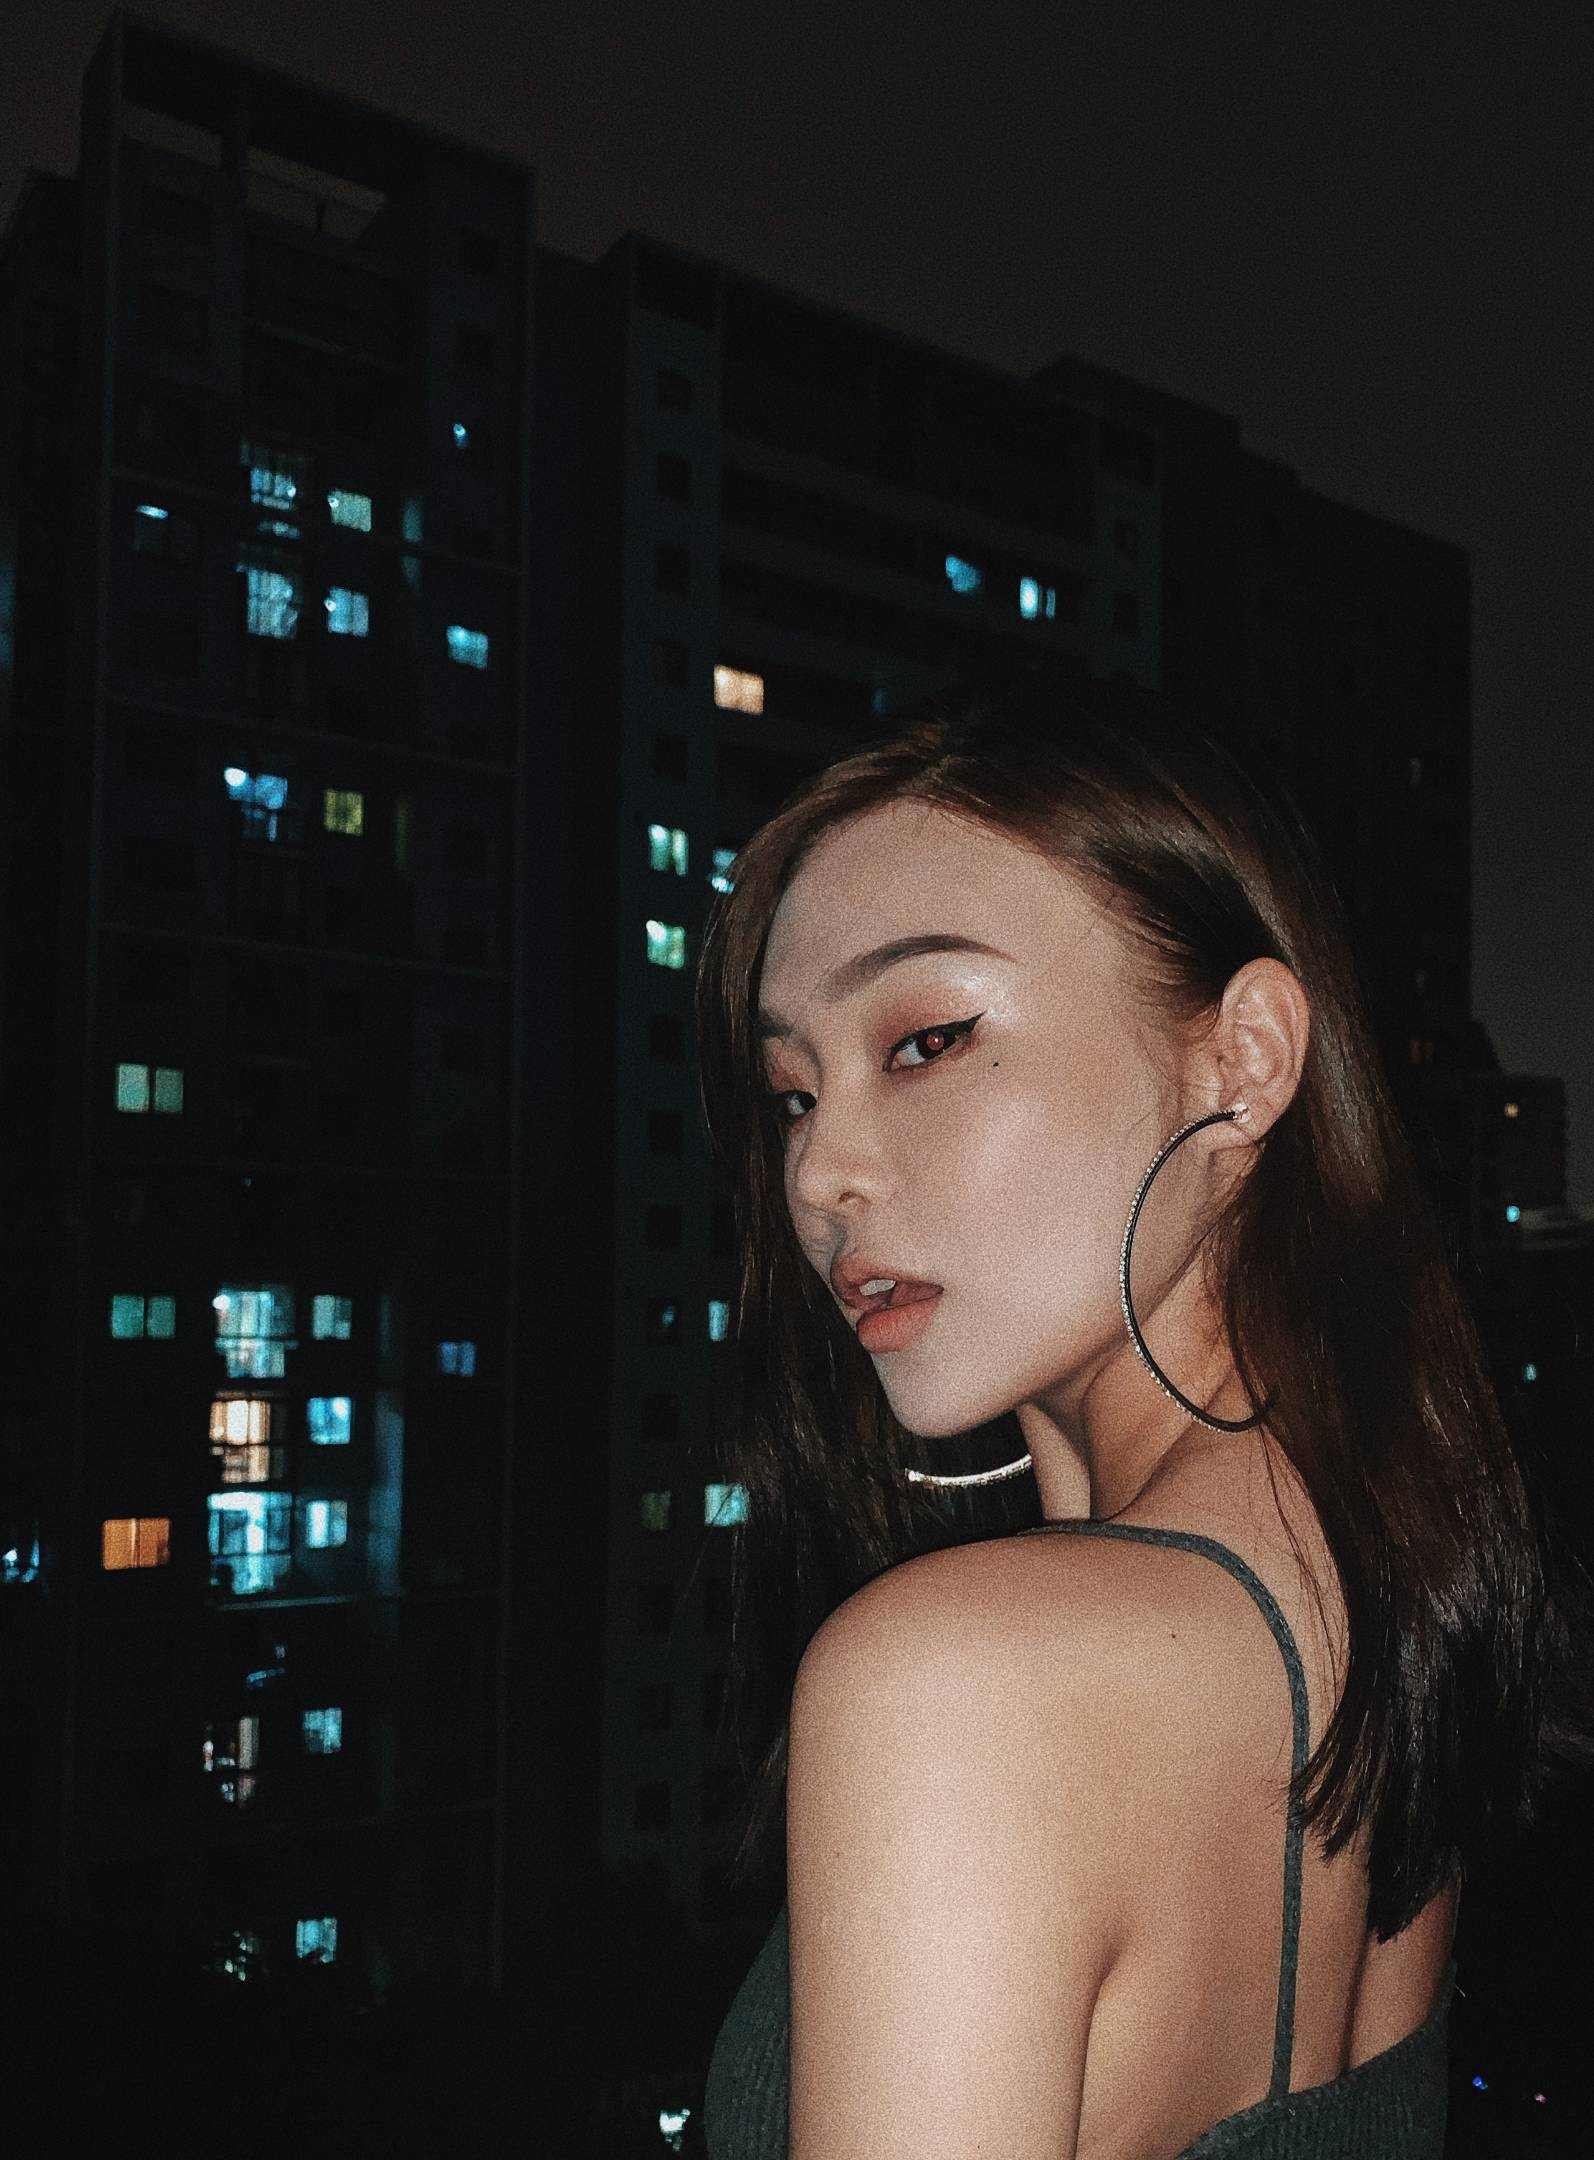 上海  现在在意大利服装设计学院做手绘老师 平时工作会做marketing branding的工作 也在自己创业做服装品牌和美妆博主  喜欢的类型:懂事有礼貌 帅 有涵养